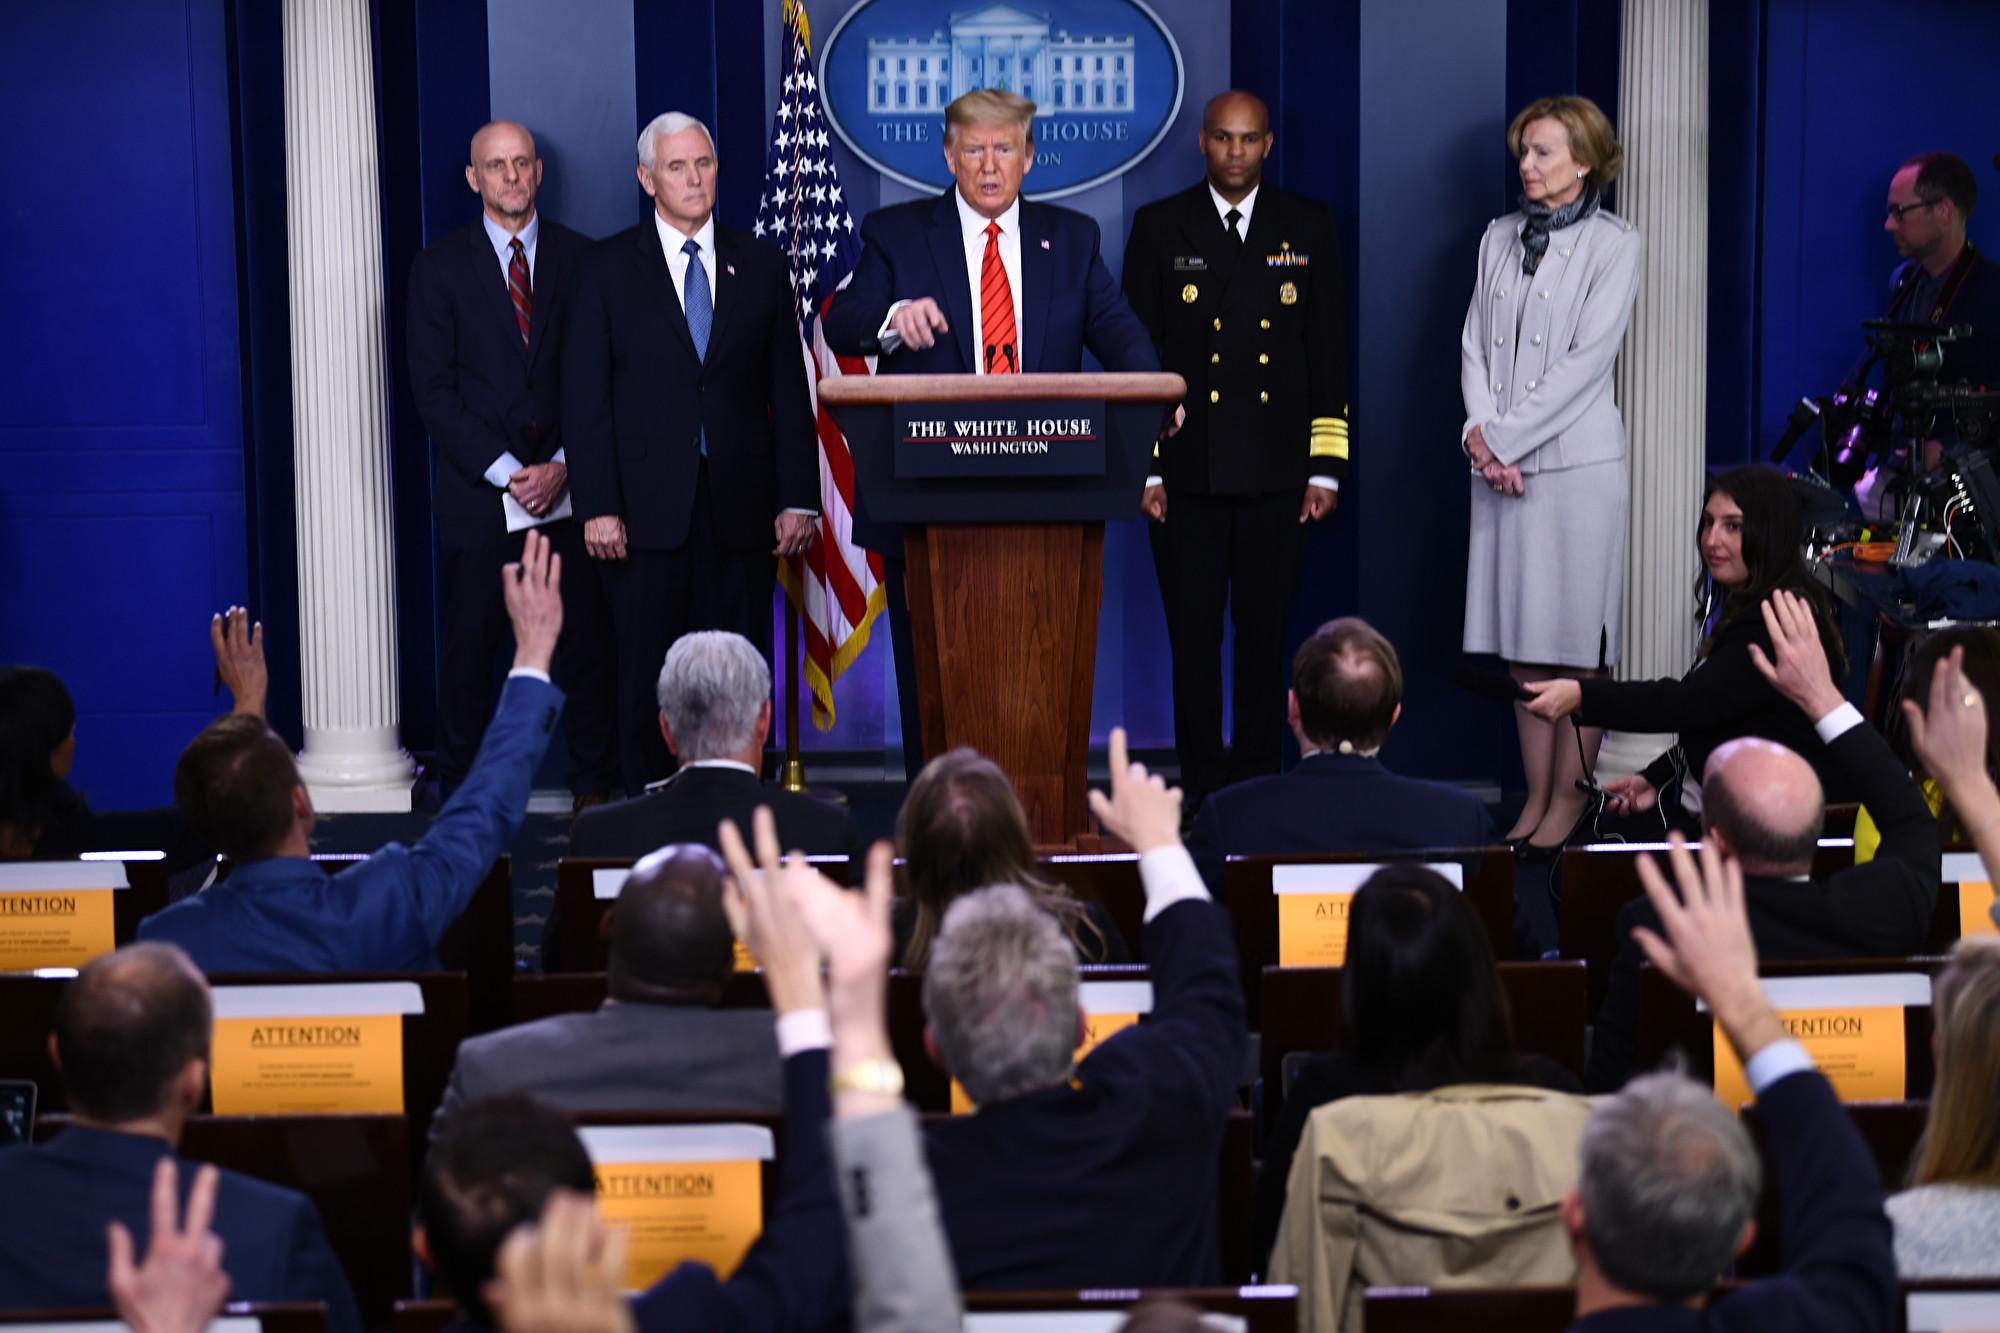 特朗普批評中共隱瞞中共病毒疫情 讓世界付出巨大代價